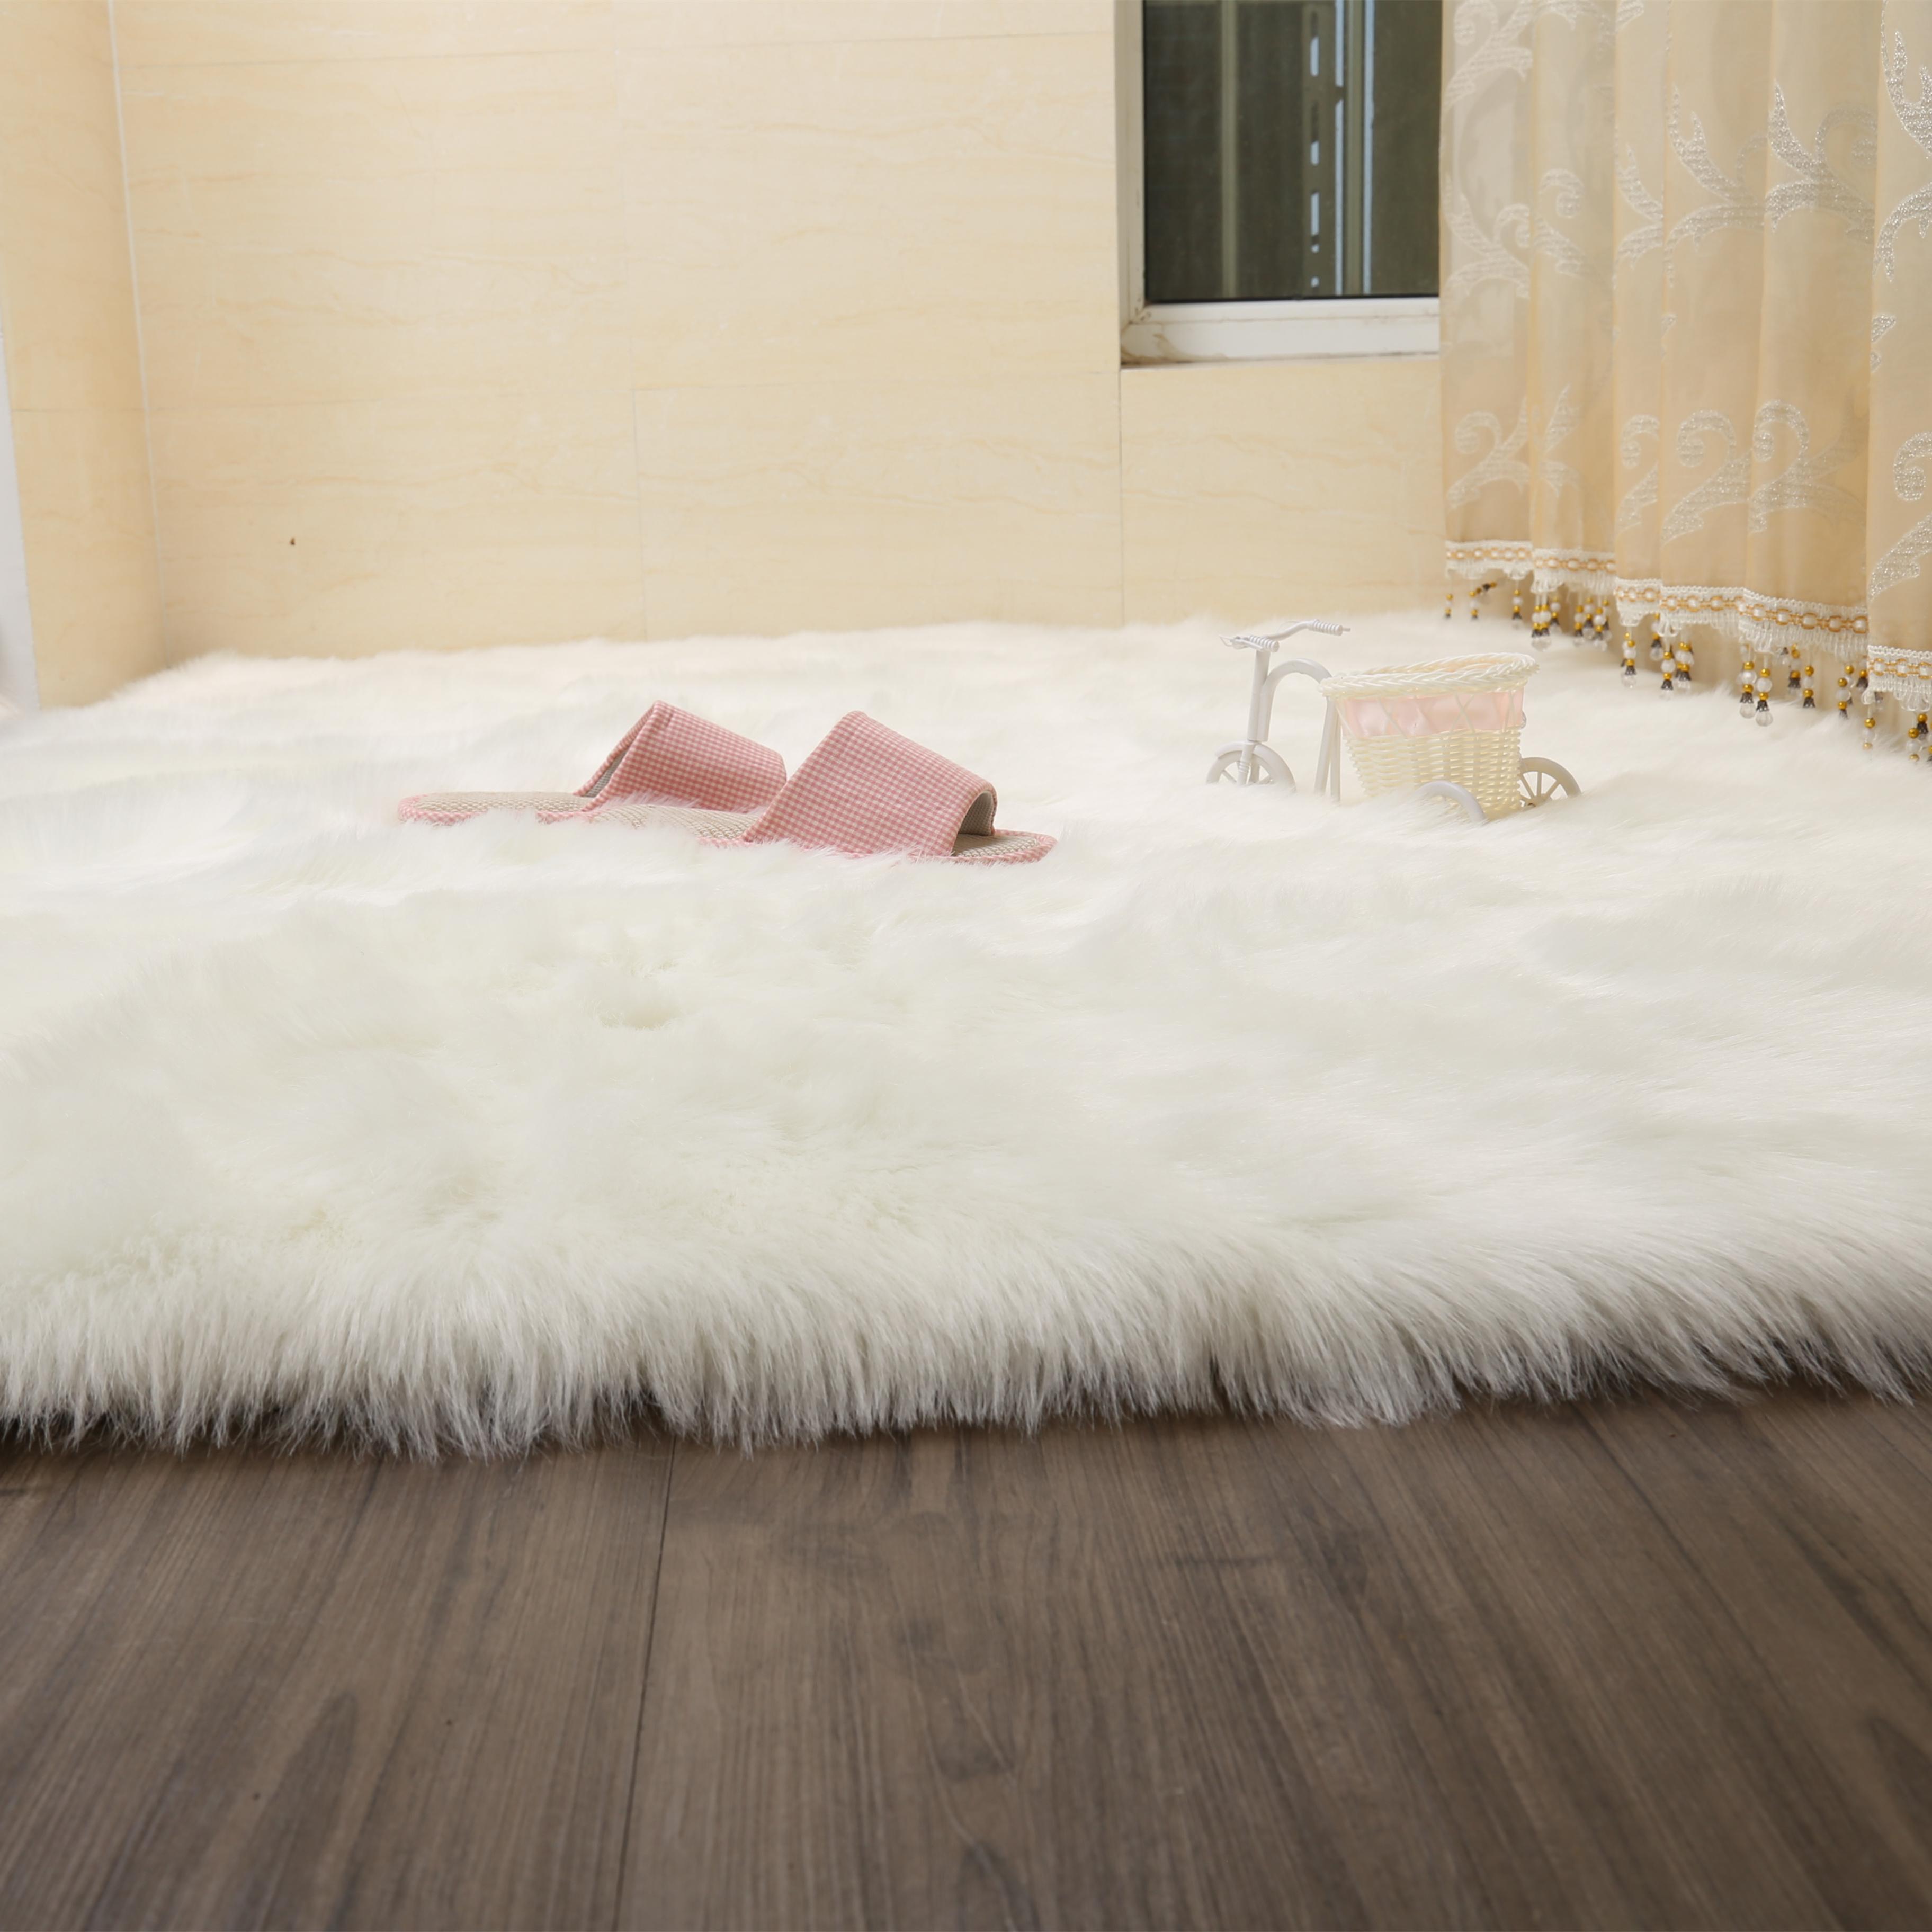 鞋柜桌面垫布网红地垫卧室车里毛毯车用白色毛毛布椅子主播毛绒布